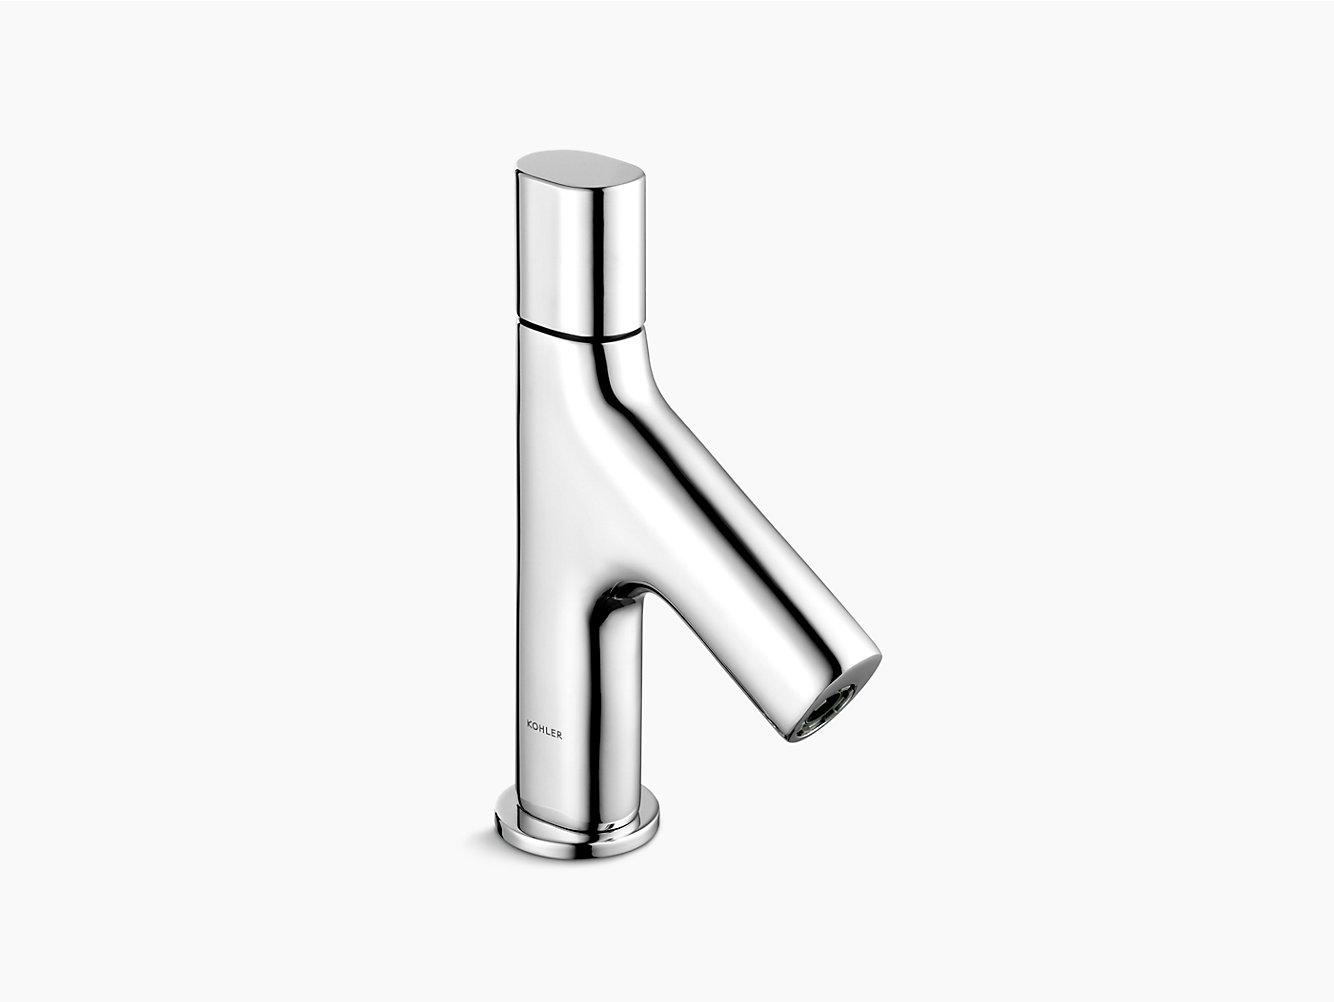 Oblo Lavatory Faucet | 10378T-9 | KOHLER